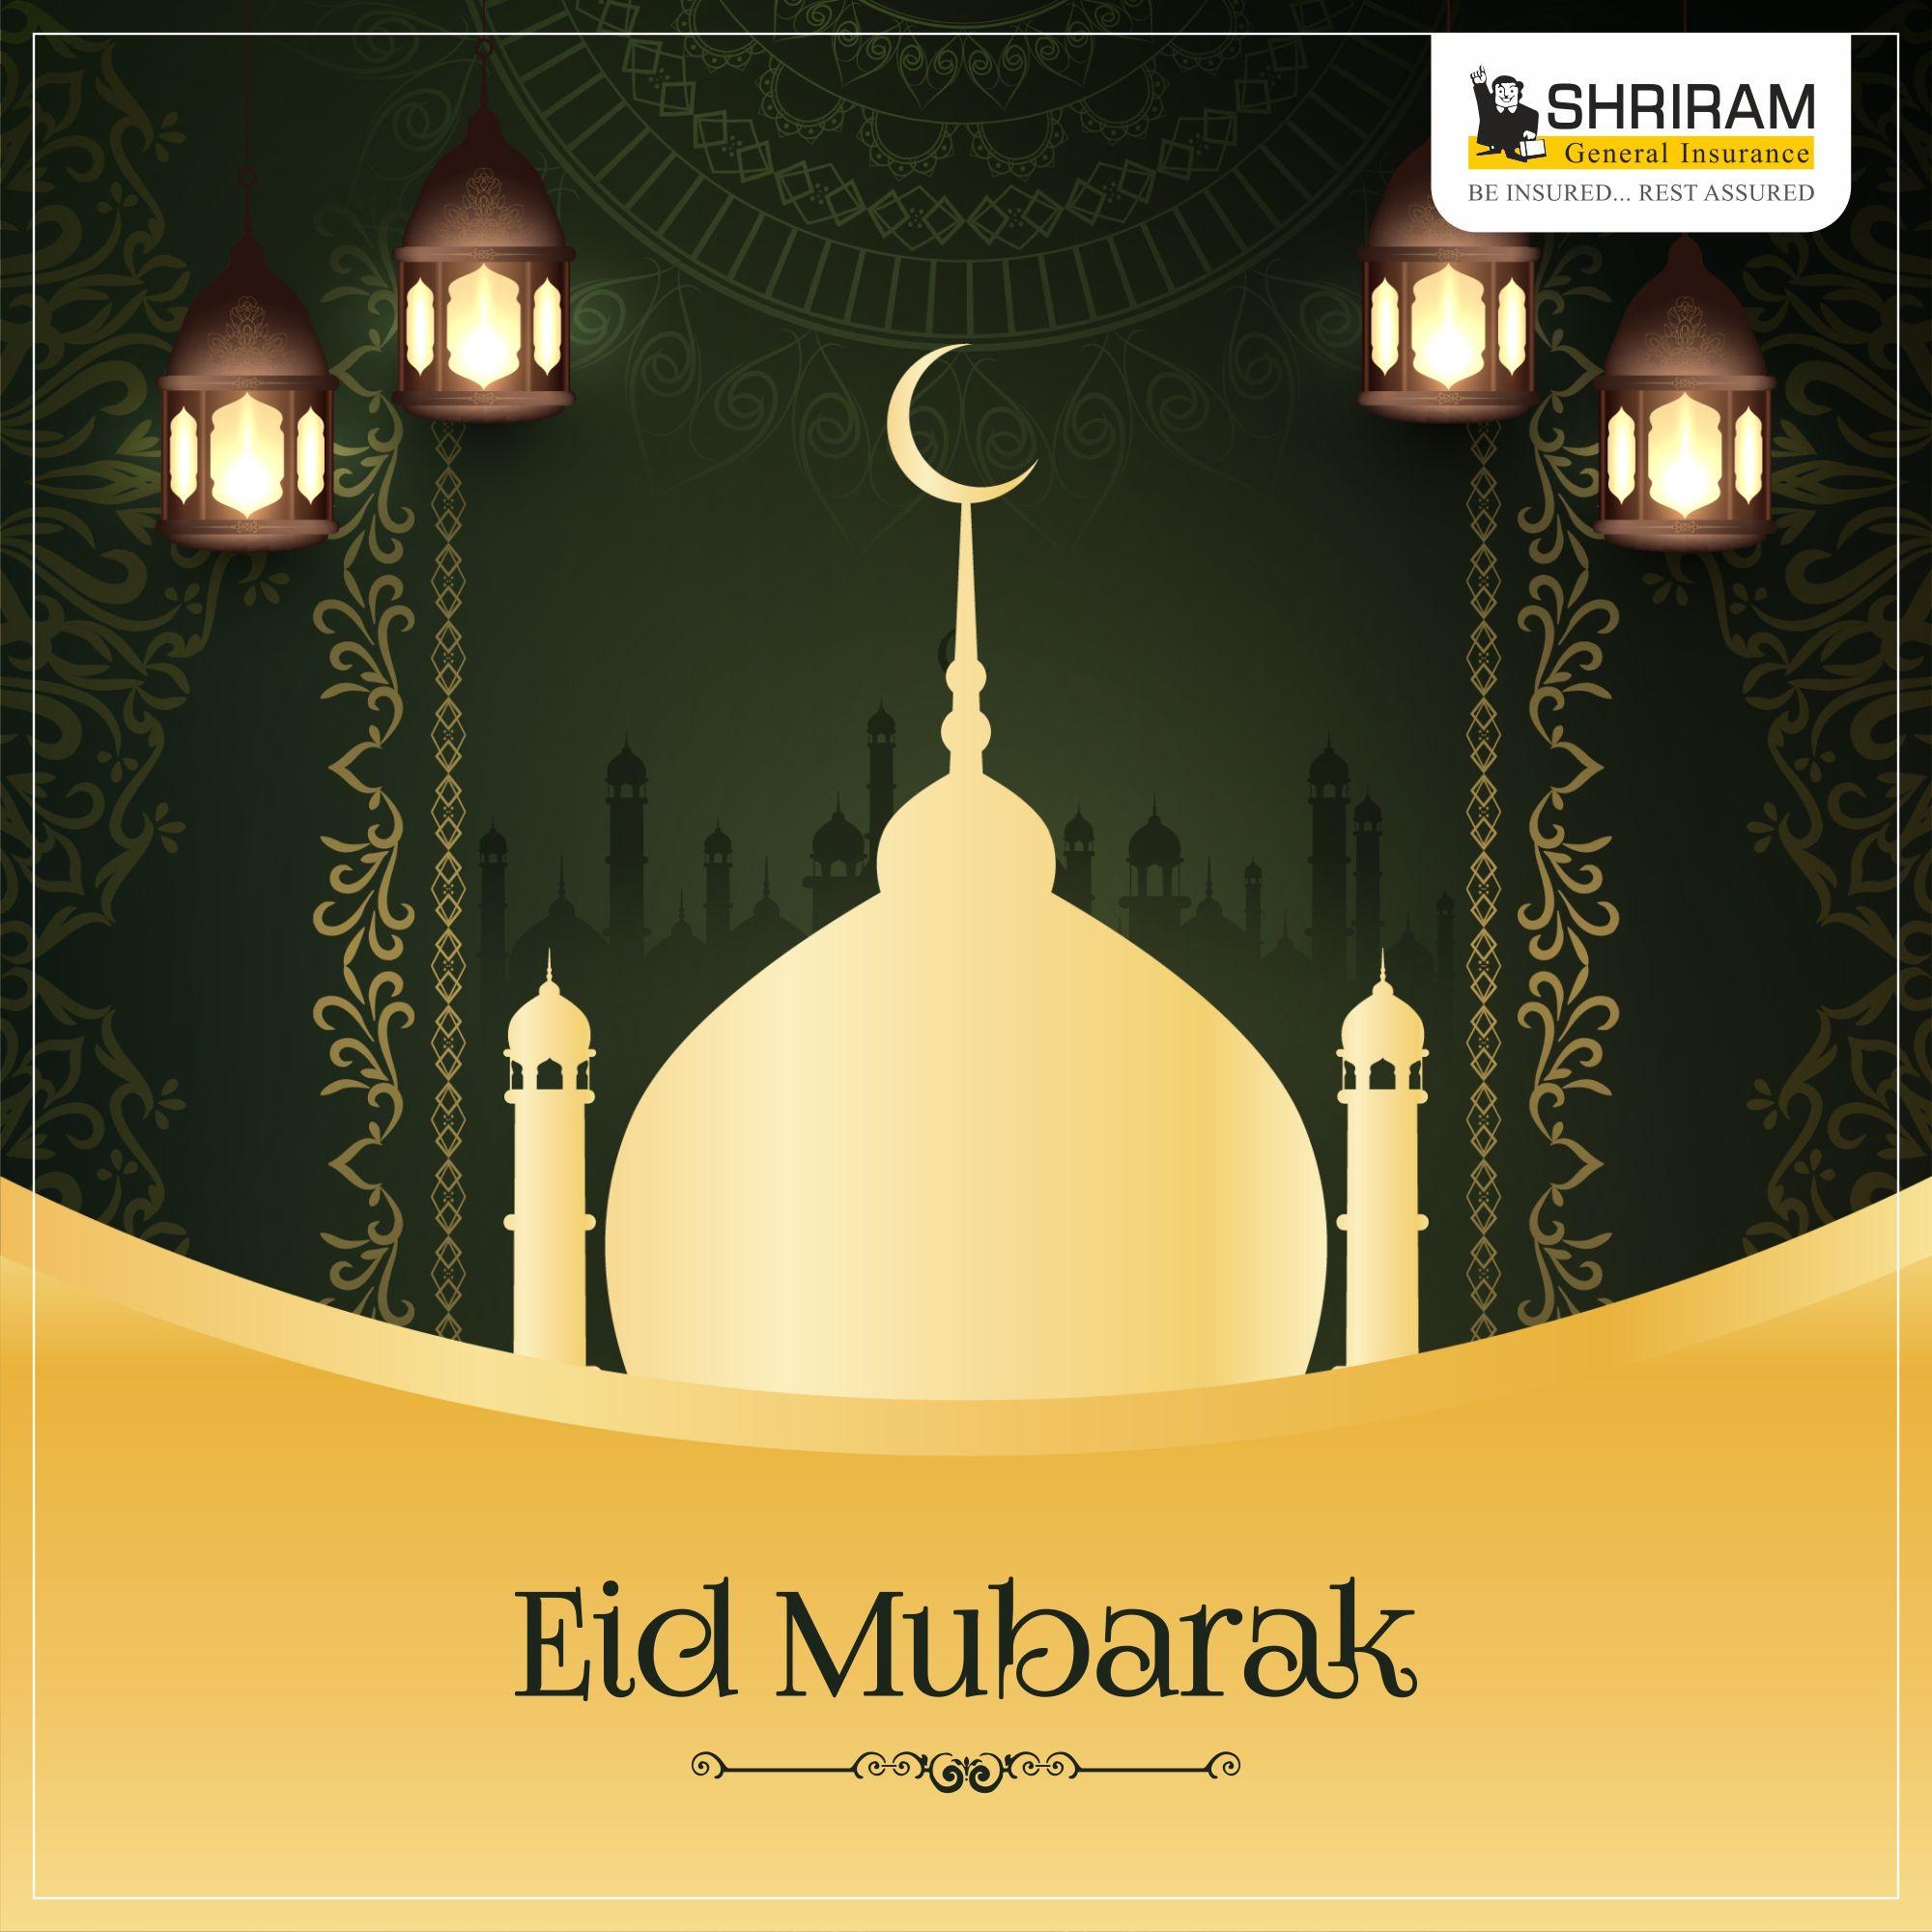 EID, Eid Mubarak, EID Wishes Eid mubarak, Islamic